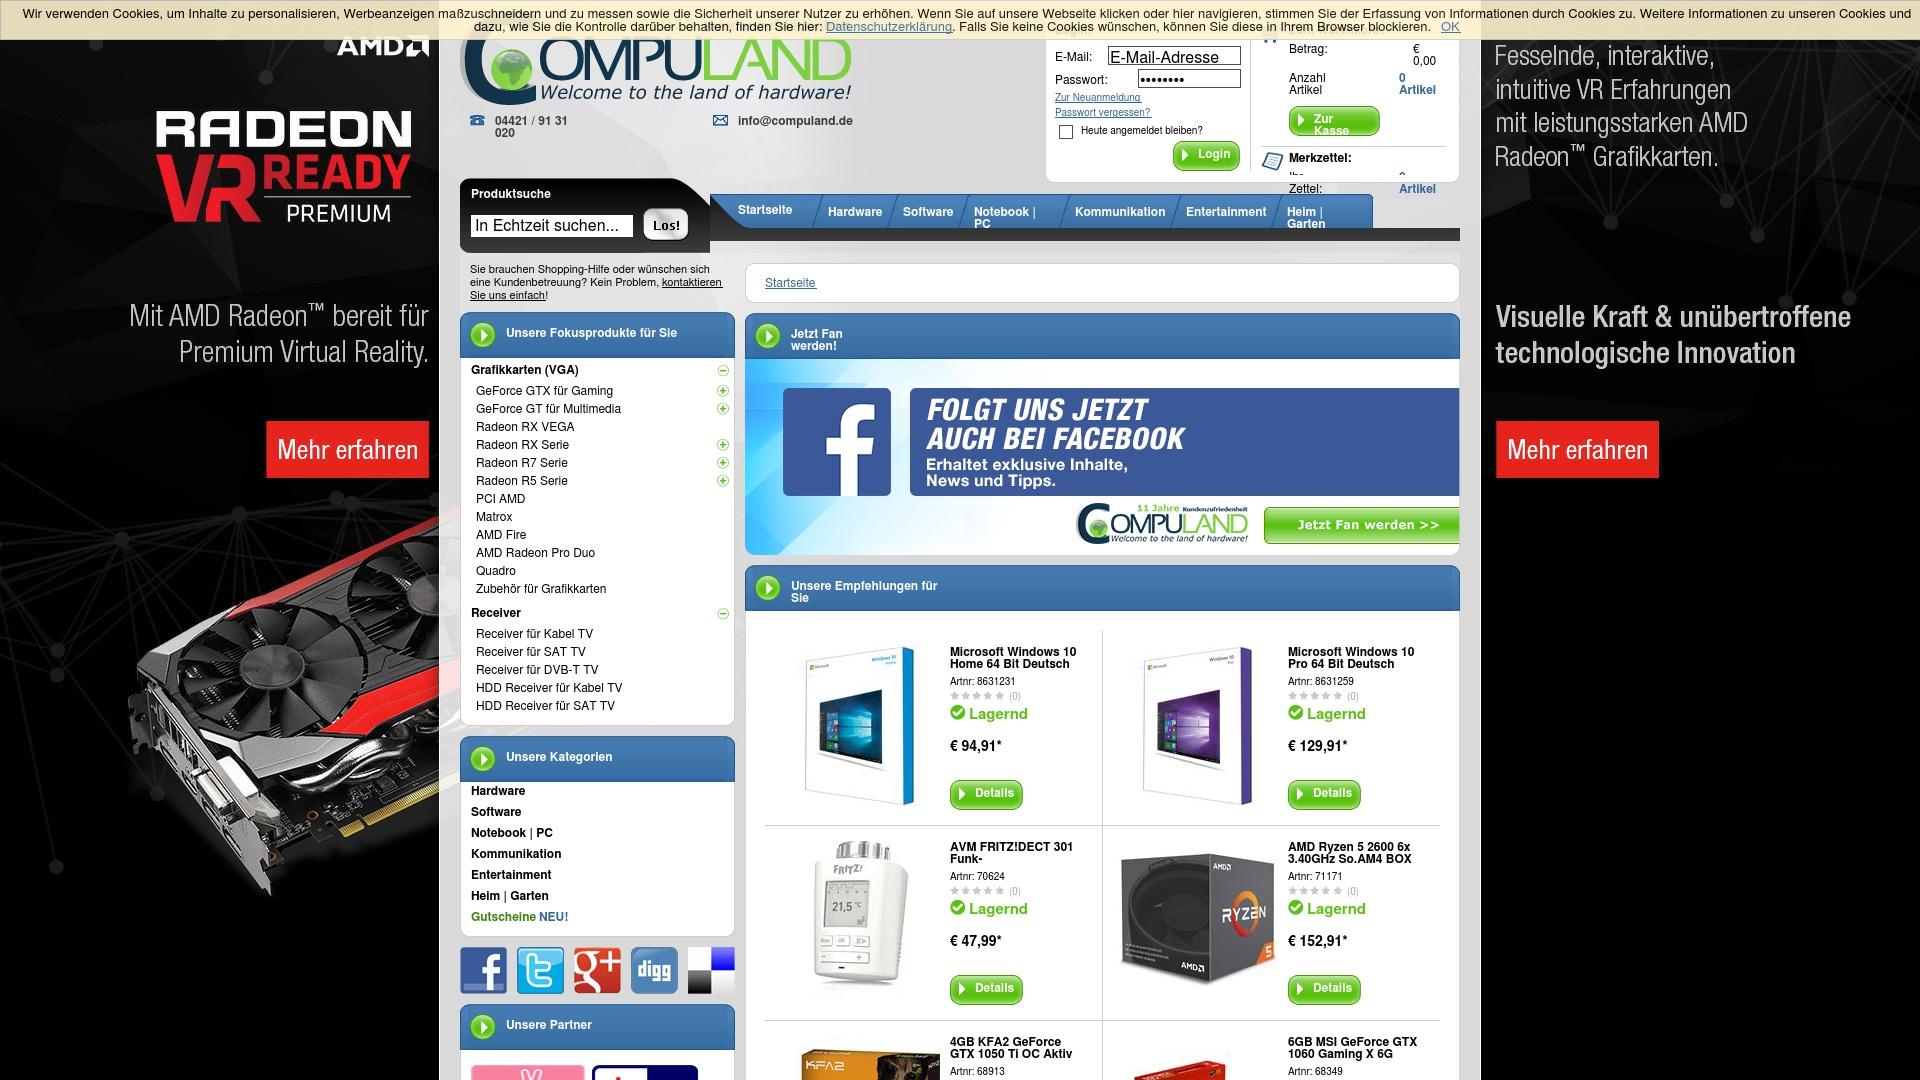 Gutschein für Compuland: Rabatte für  Compuland sichern